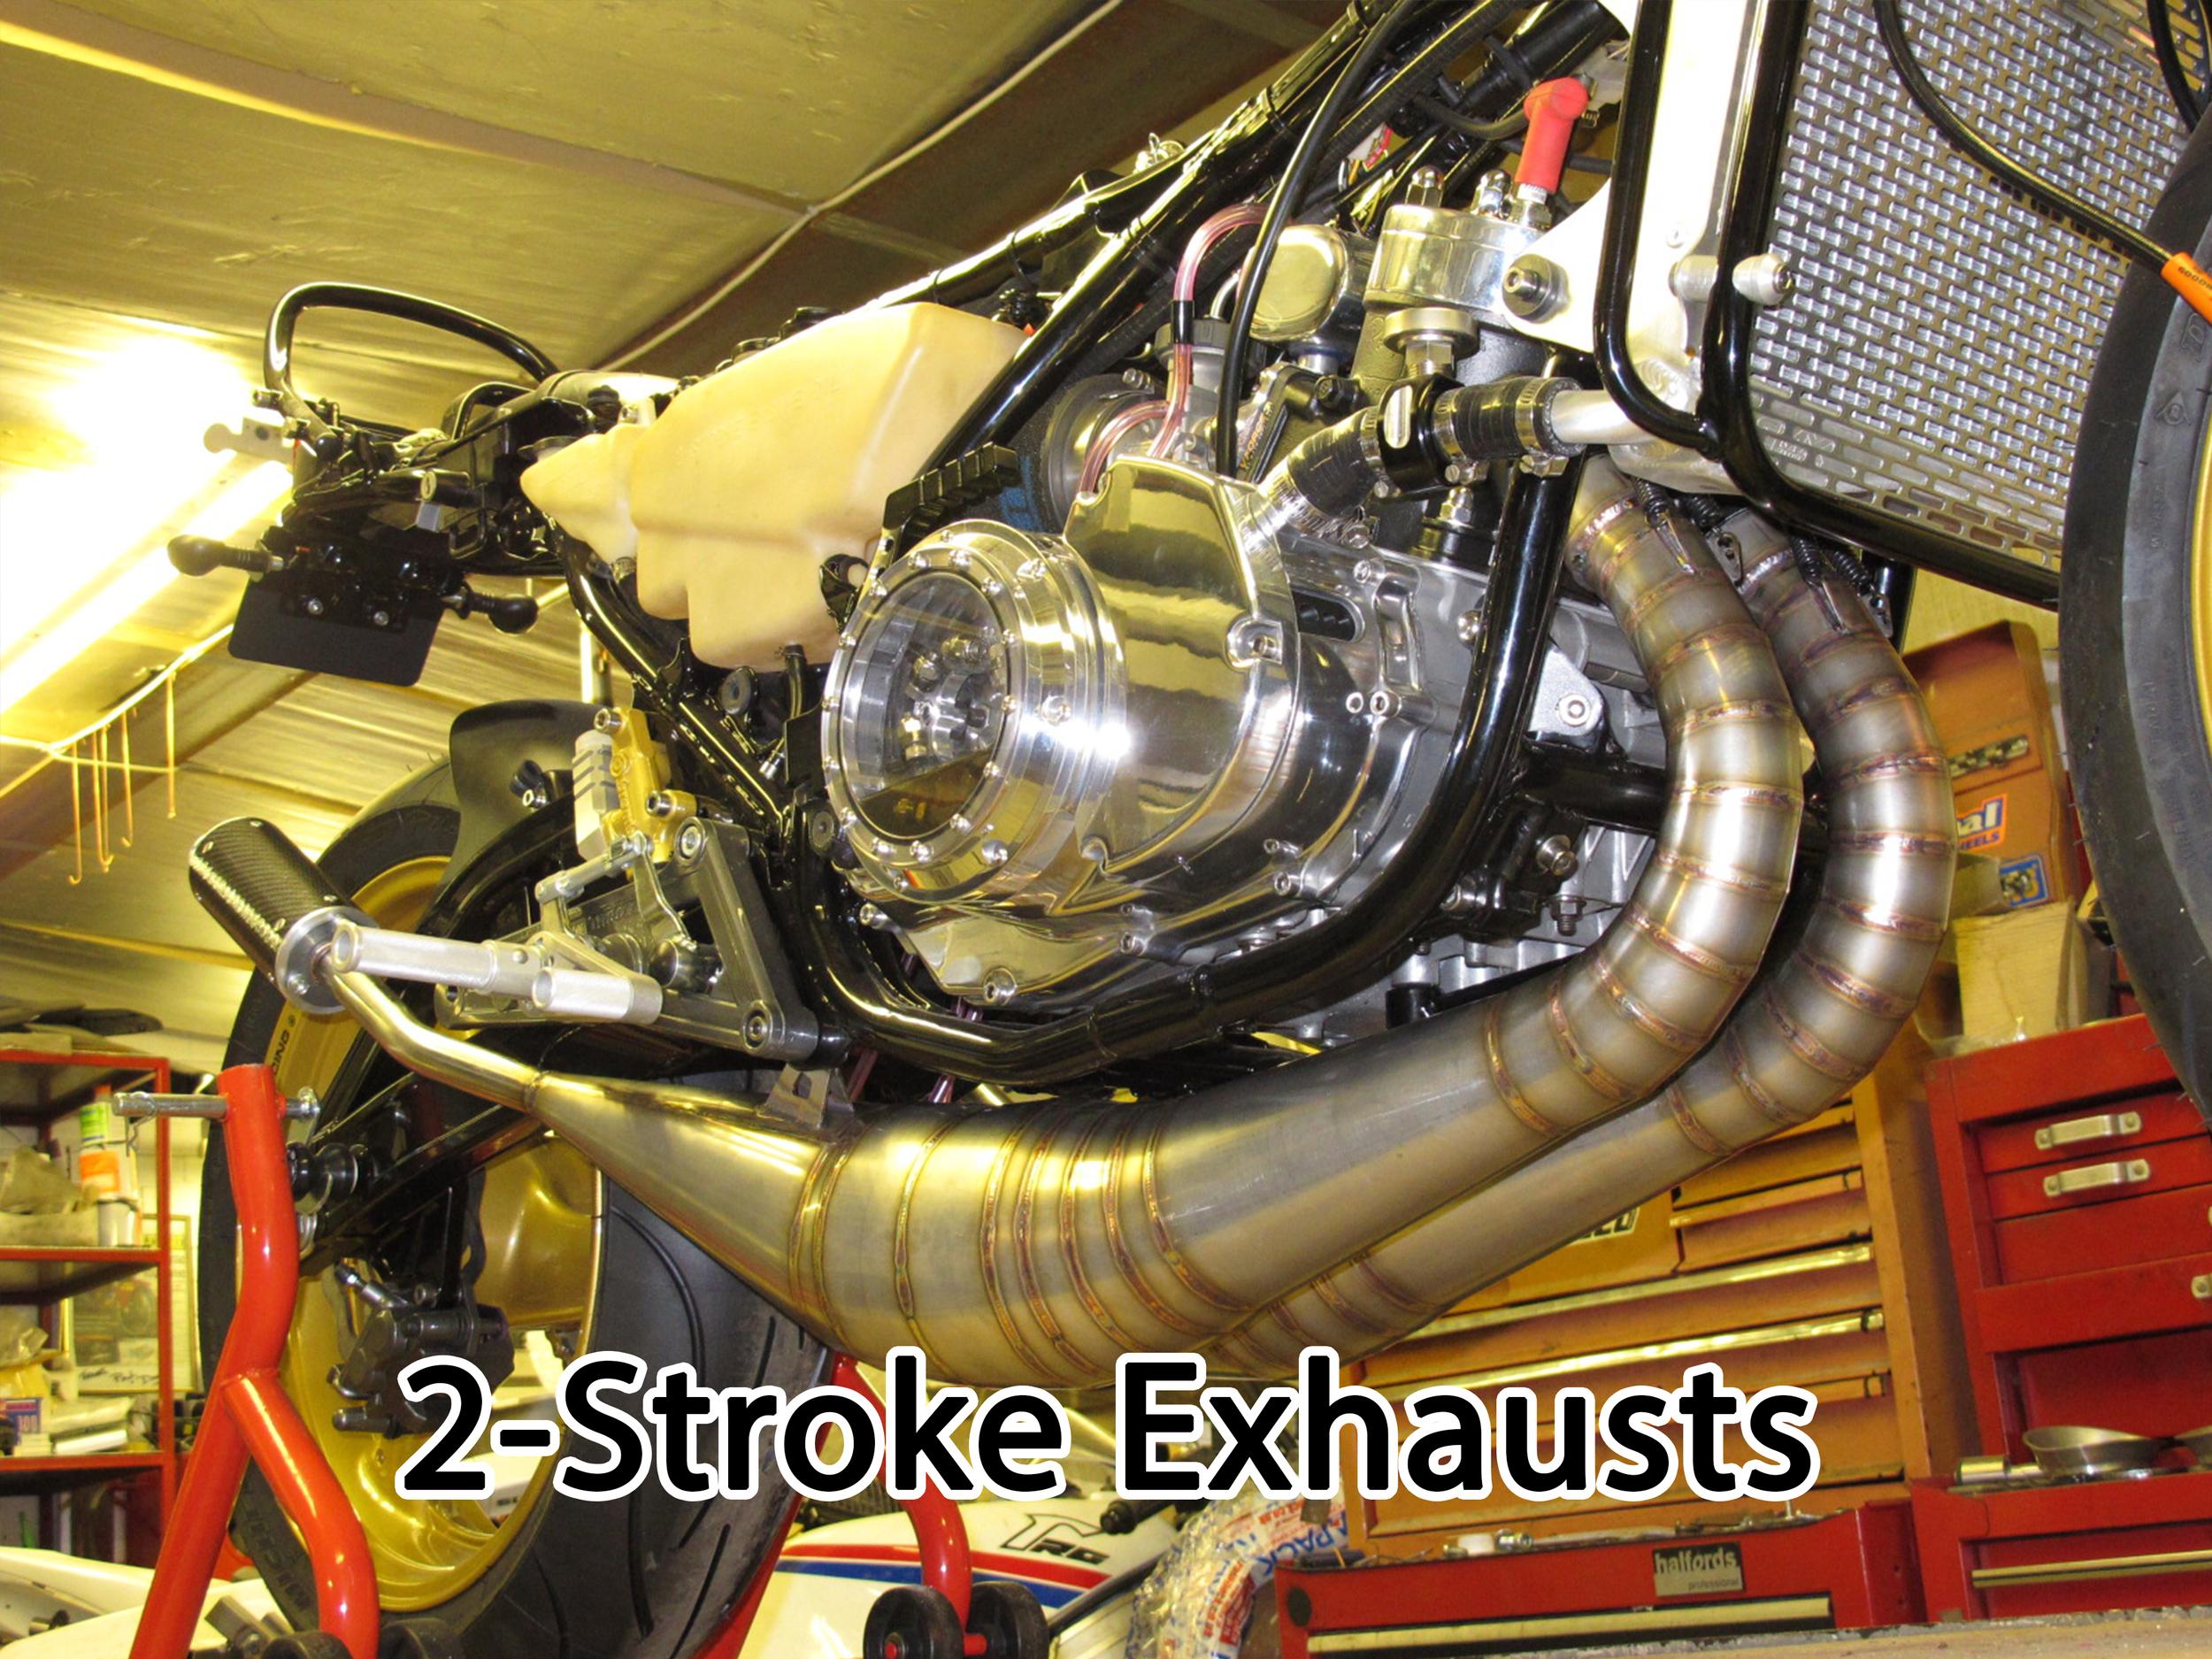 exhausts.jpg